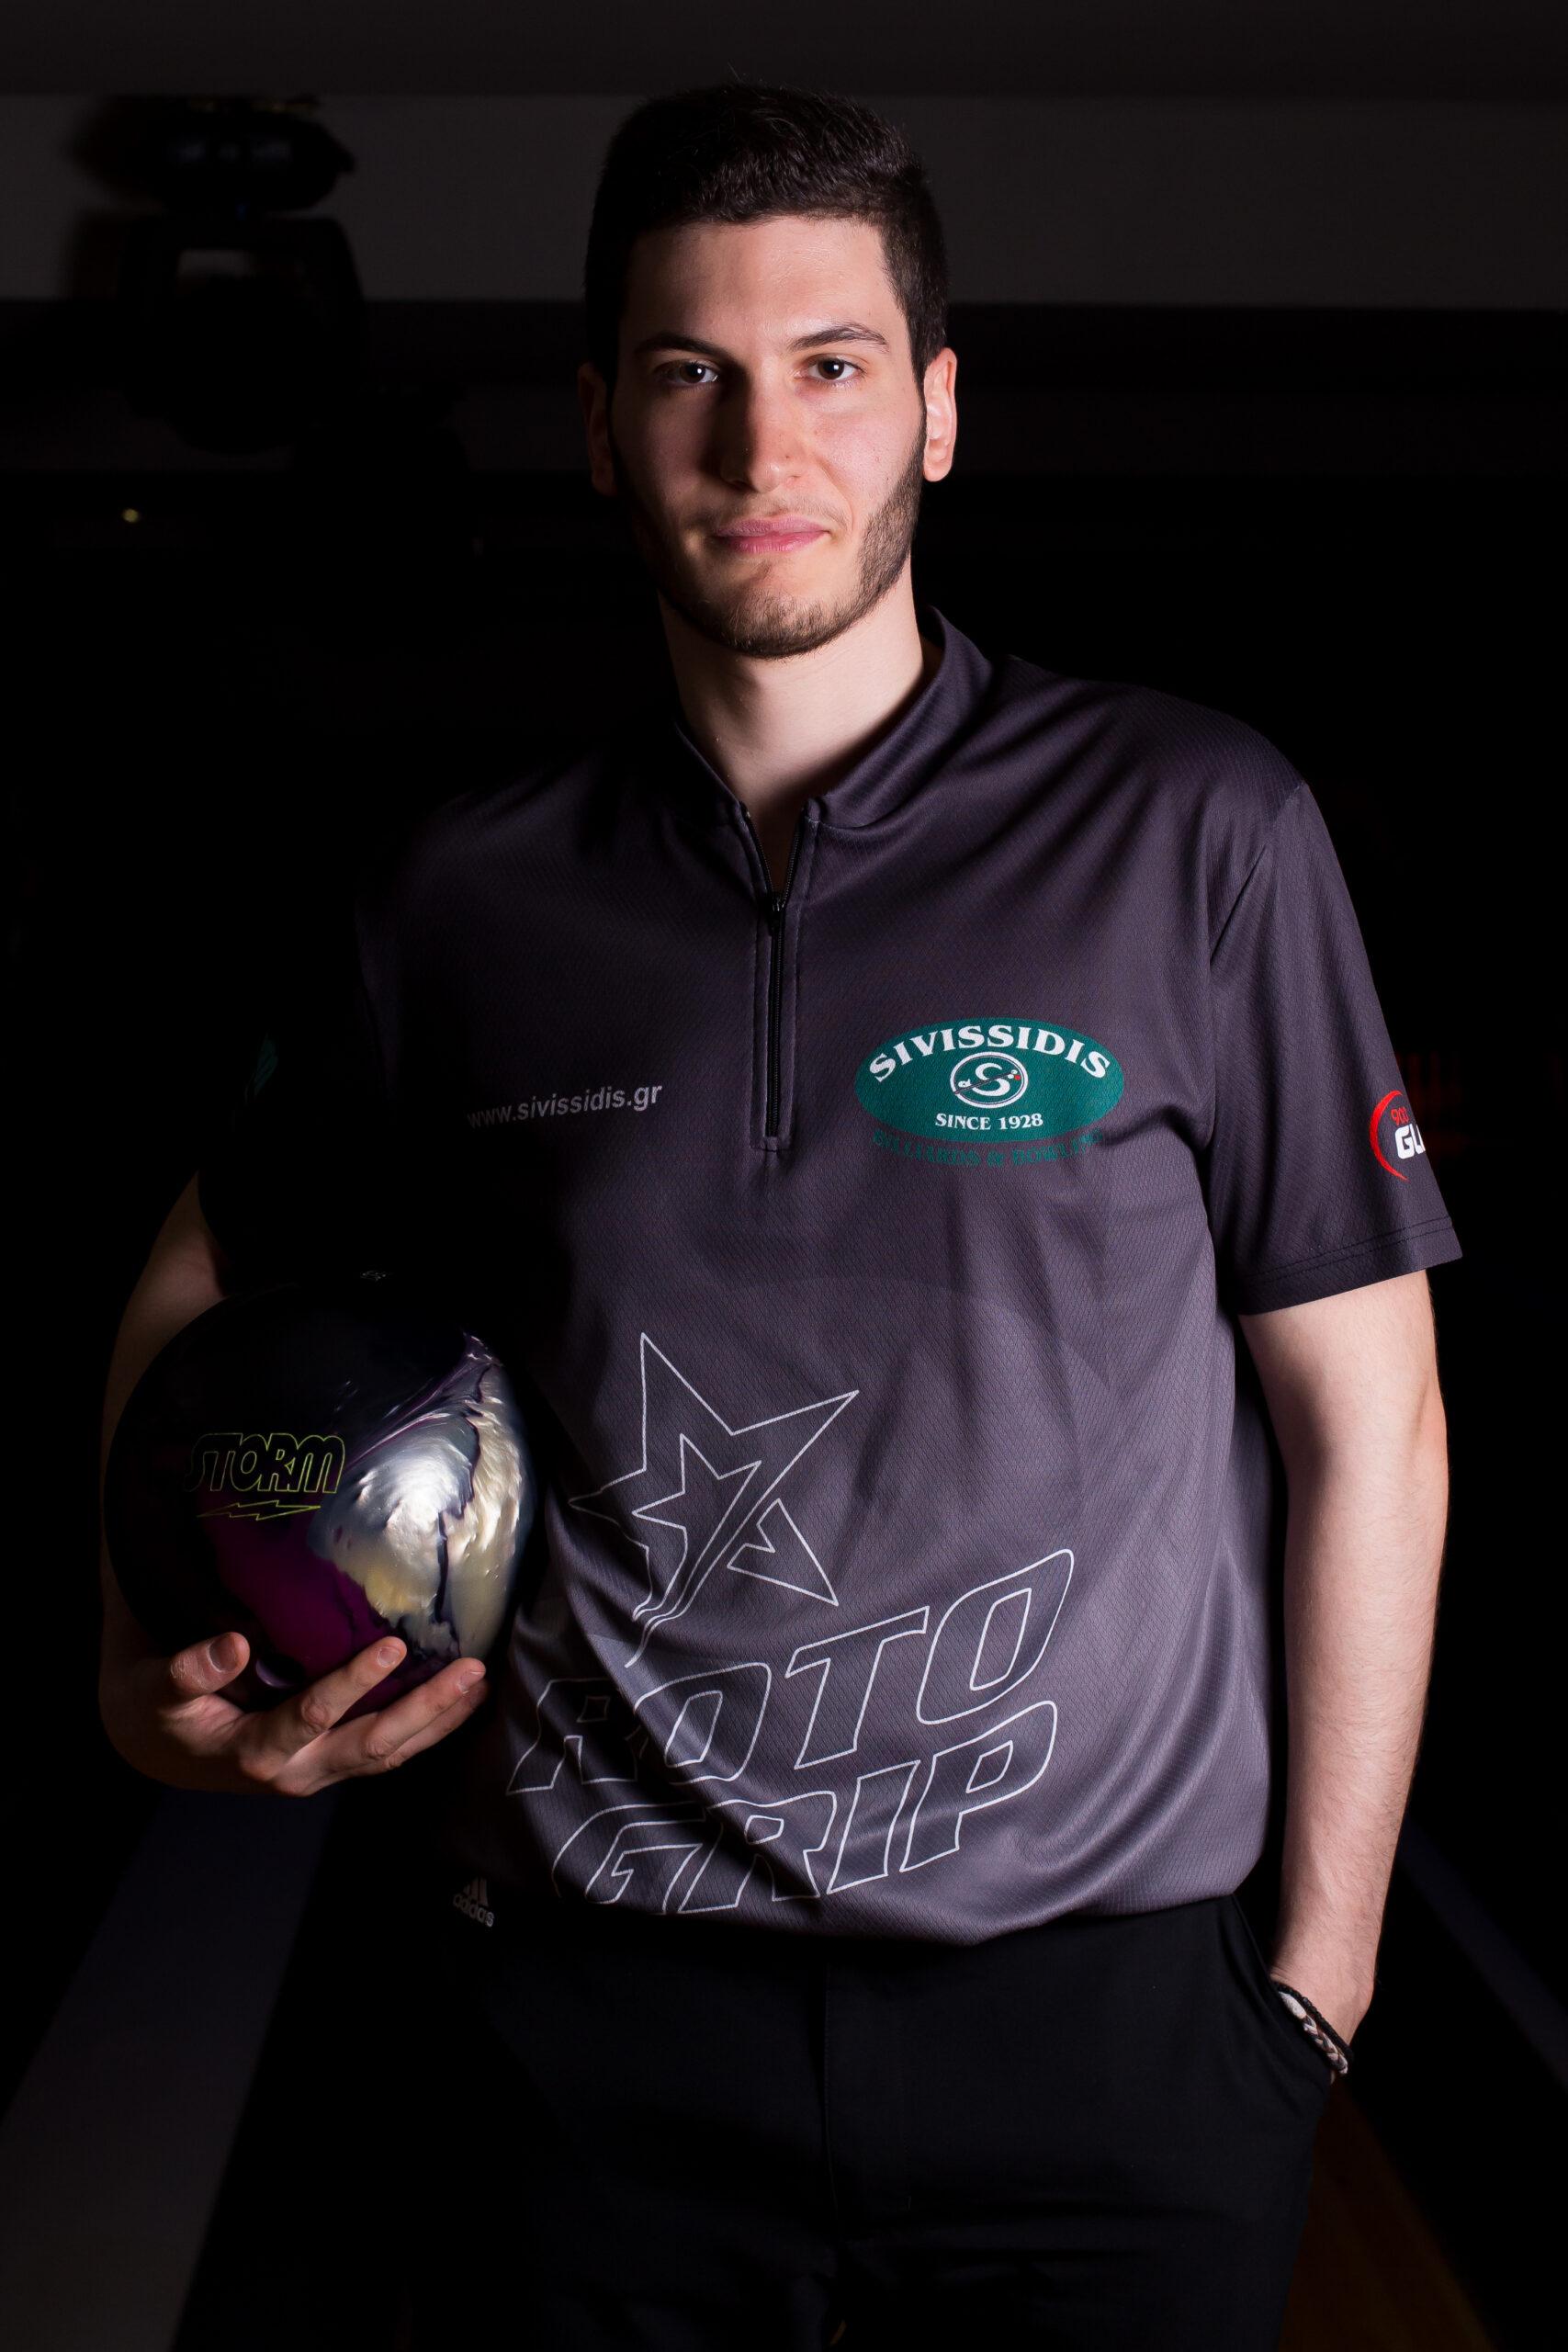 Ξαγοράρης Κωνσταντίνος Select Team bowling - Αφοί Σιβισίδη / Sivissidis Bros